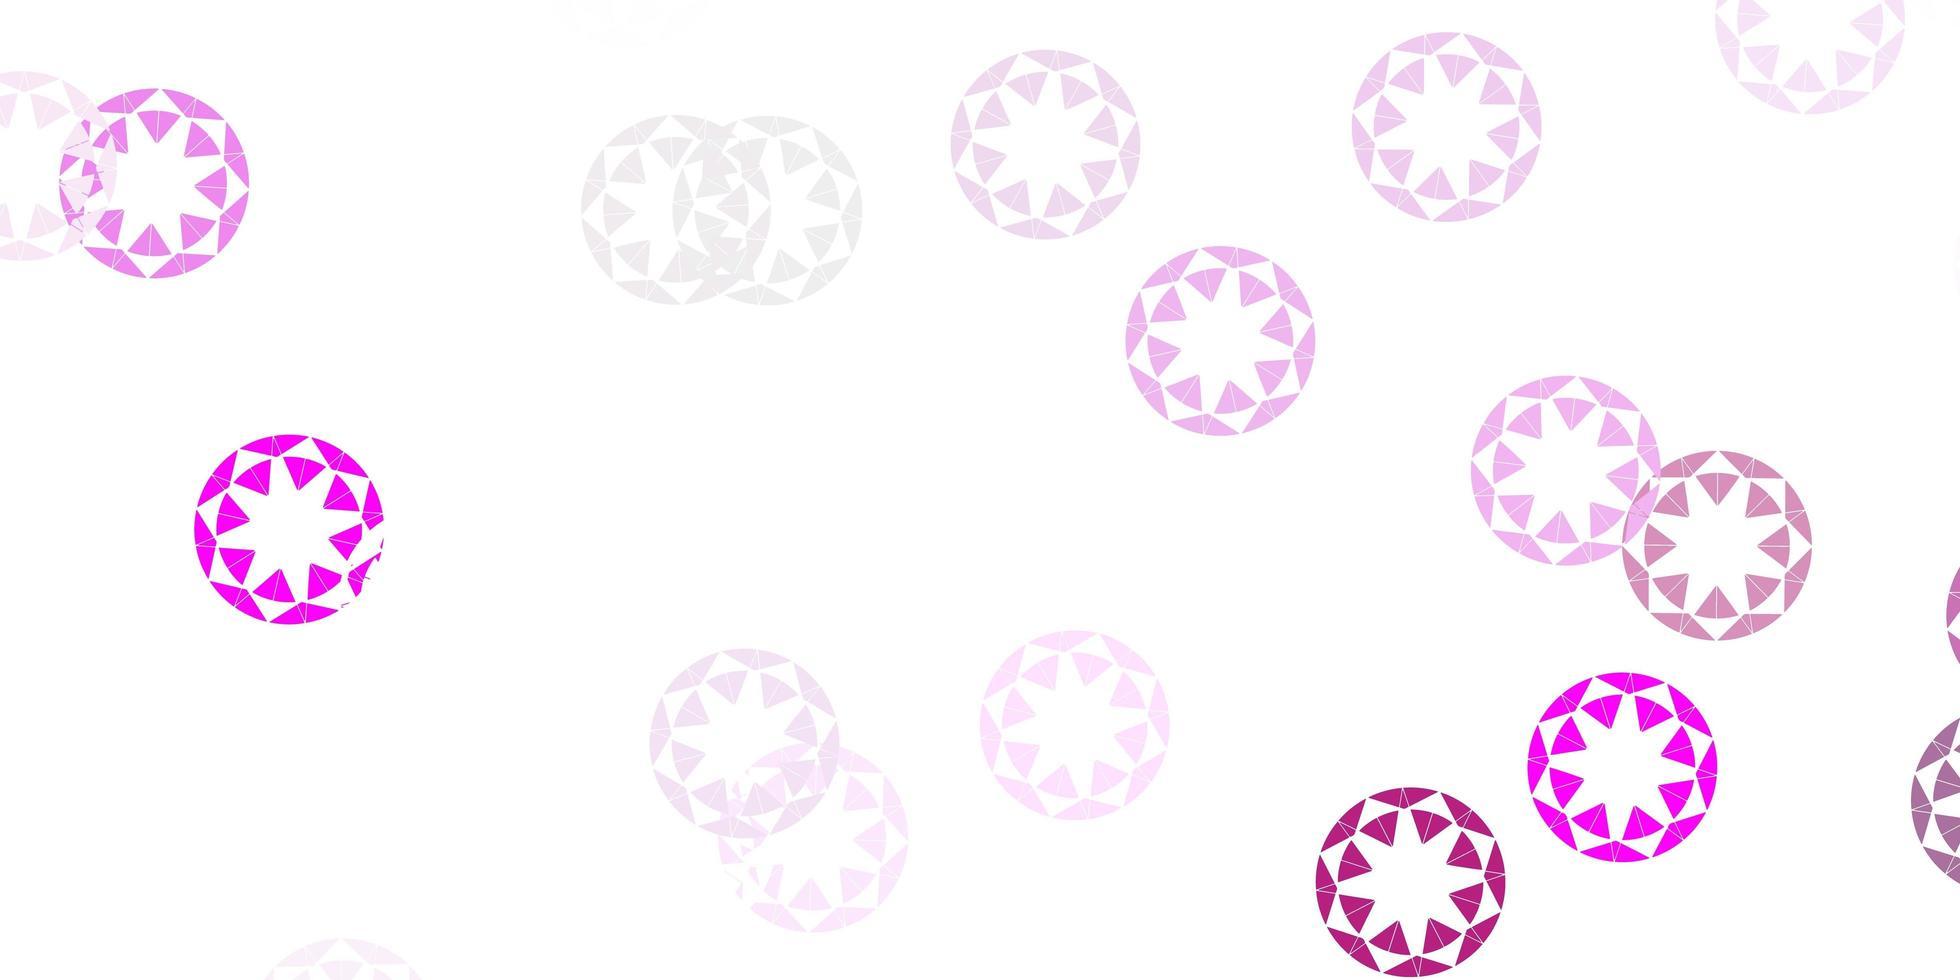 ljusrosa vektorlayout med cirkelformer. vektor